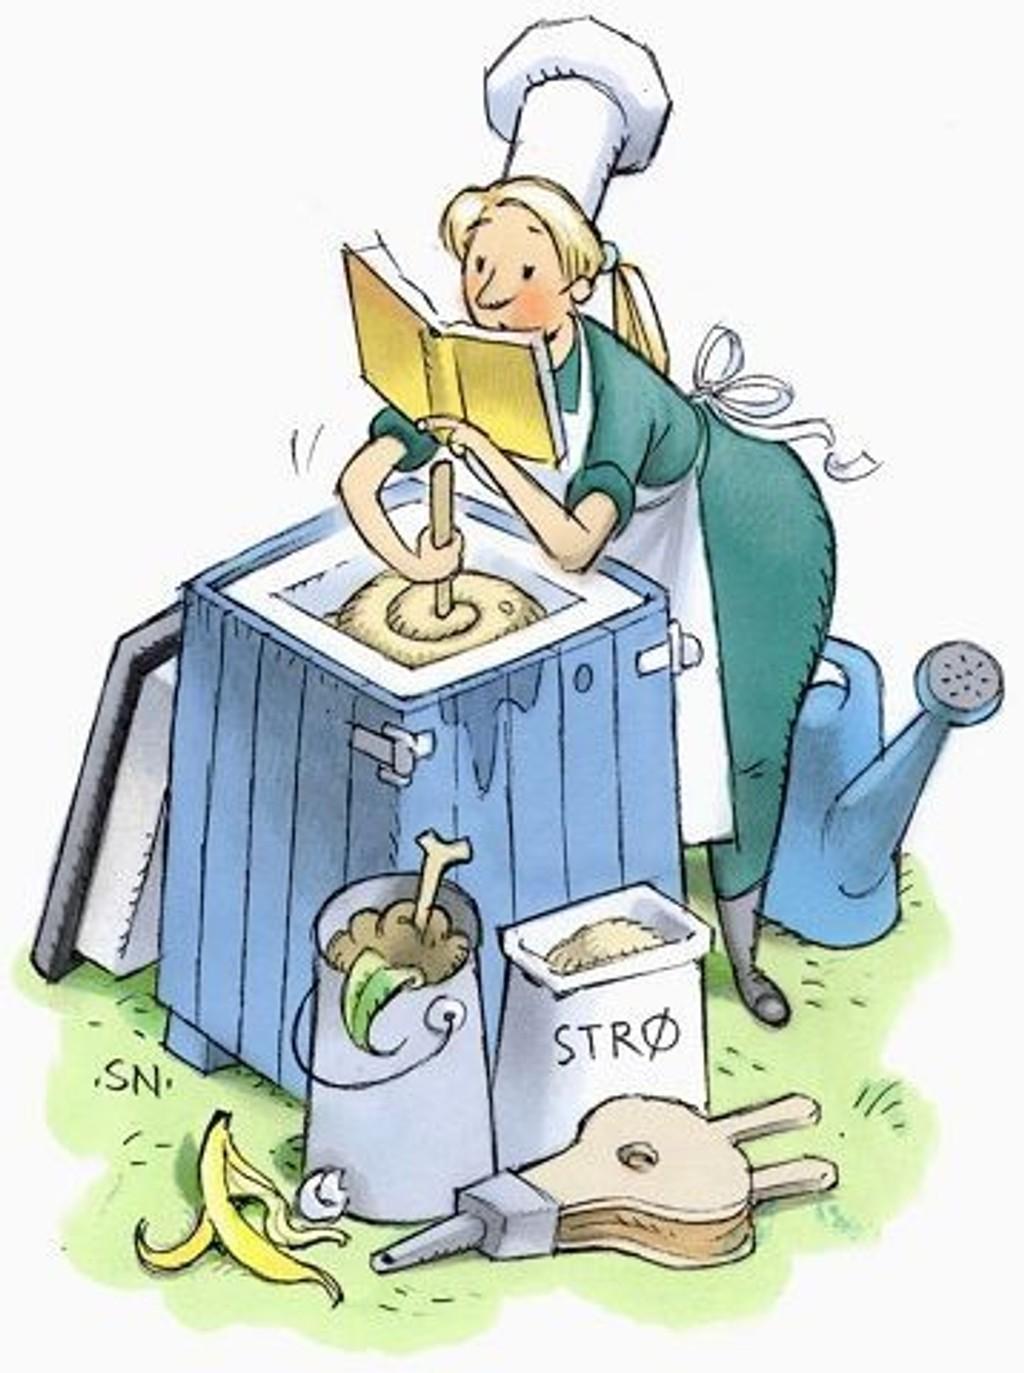 Du kan lære alt om kompostering på kurs i Nydalen.